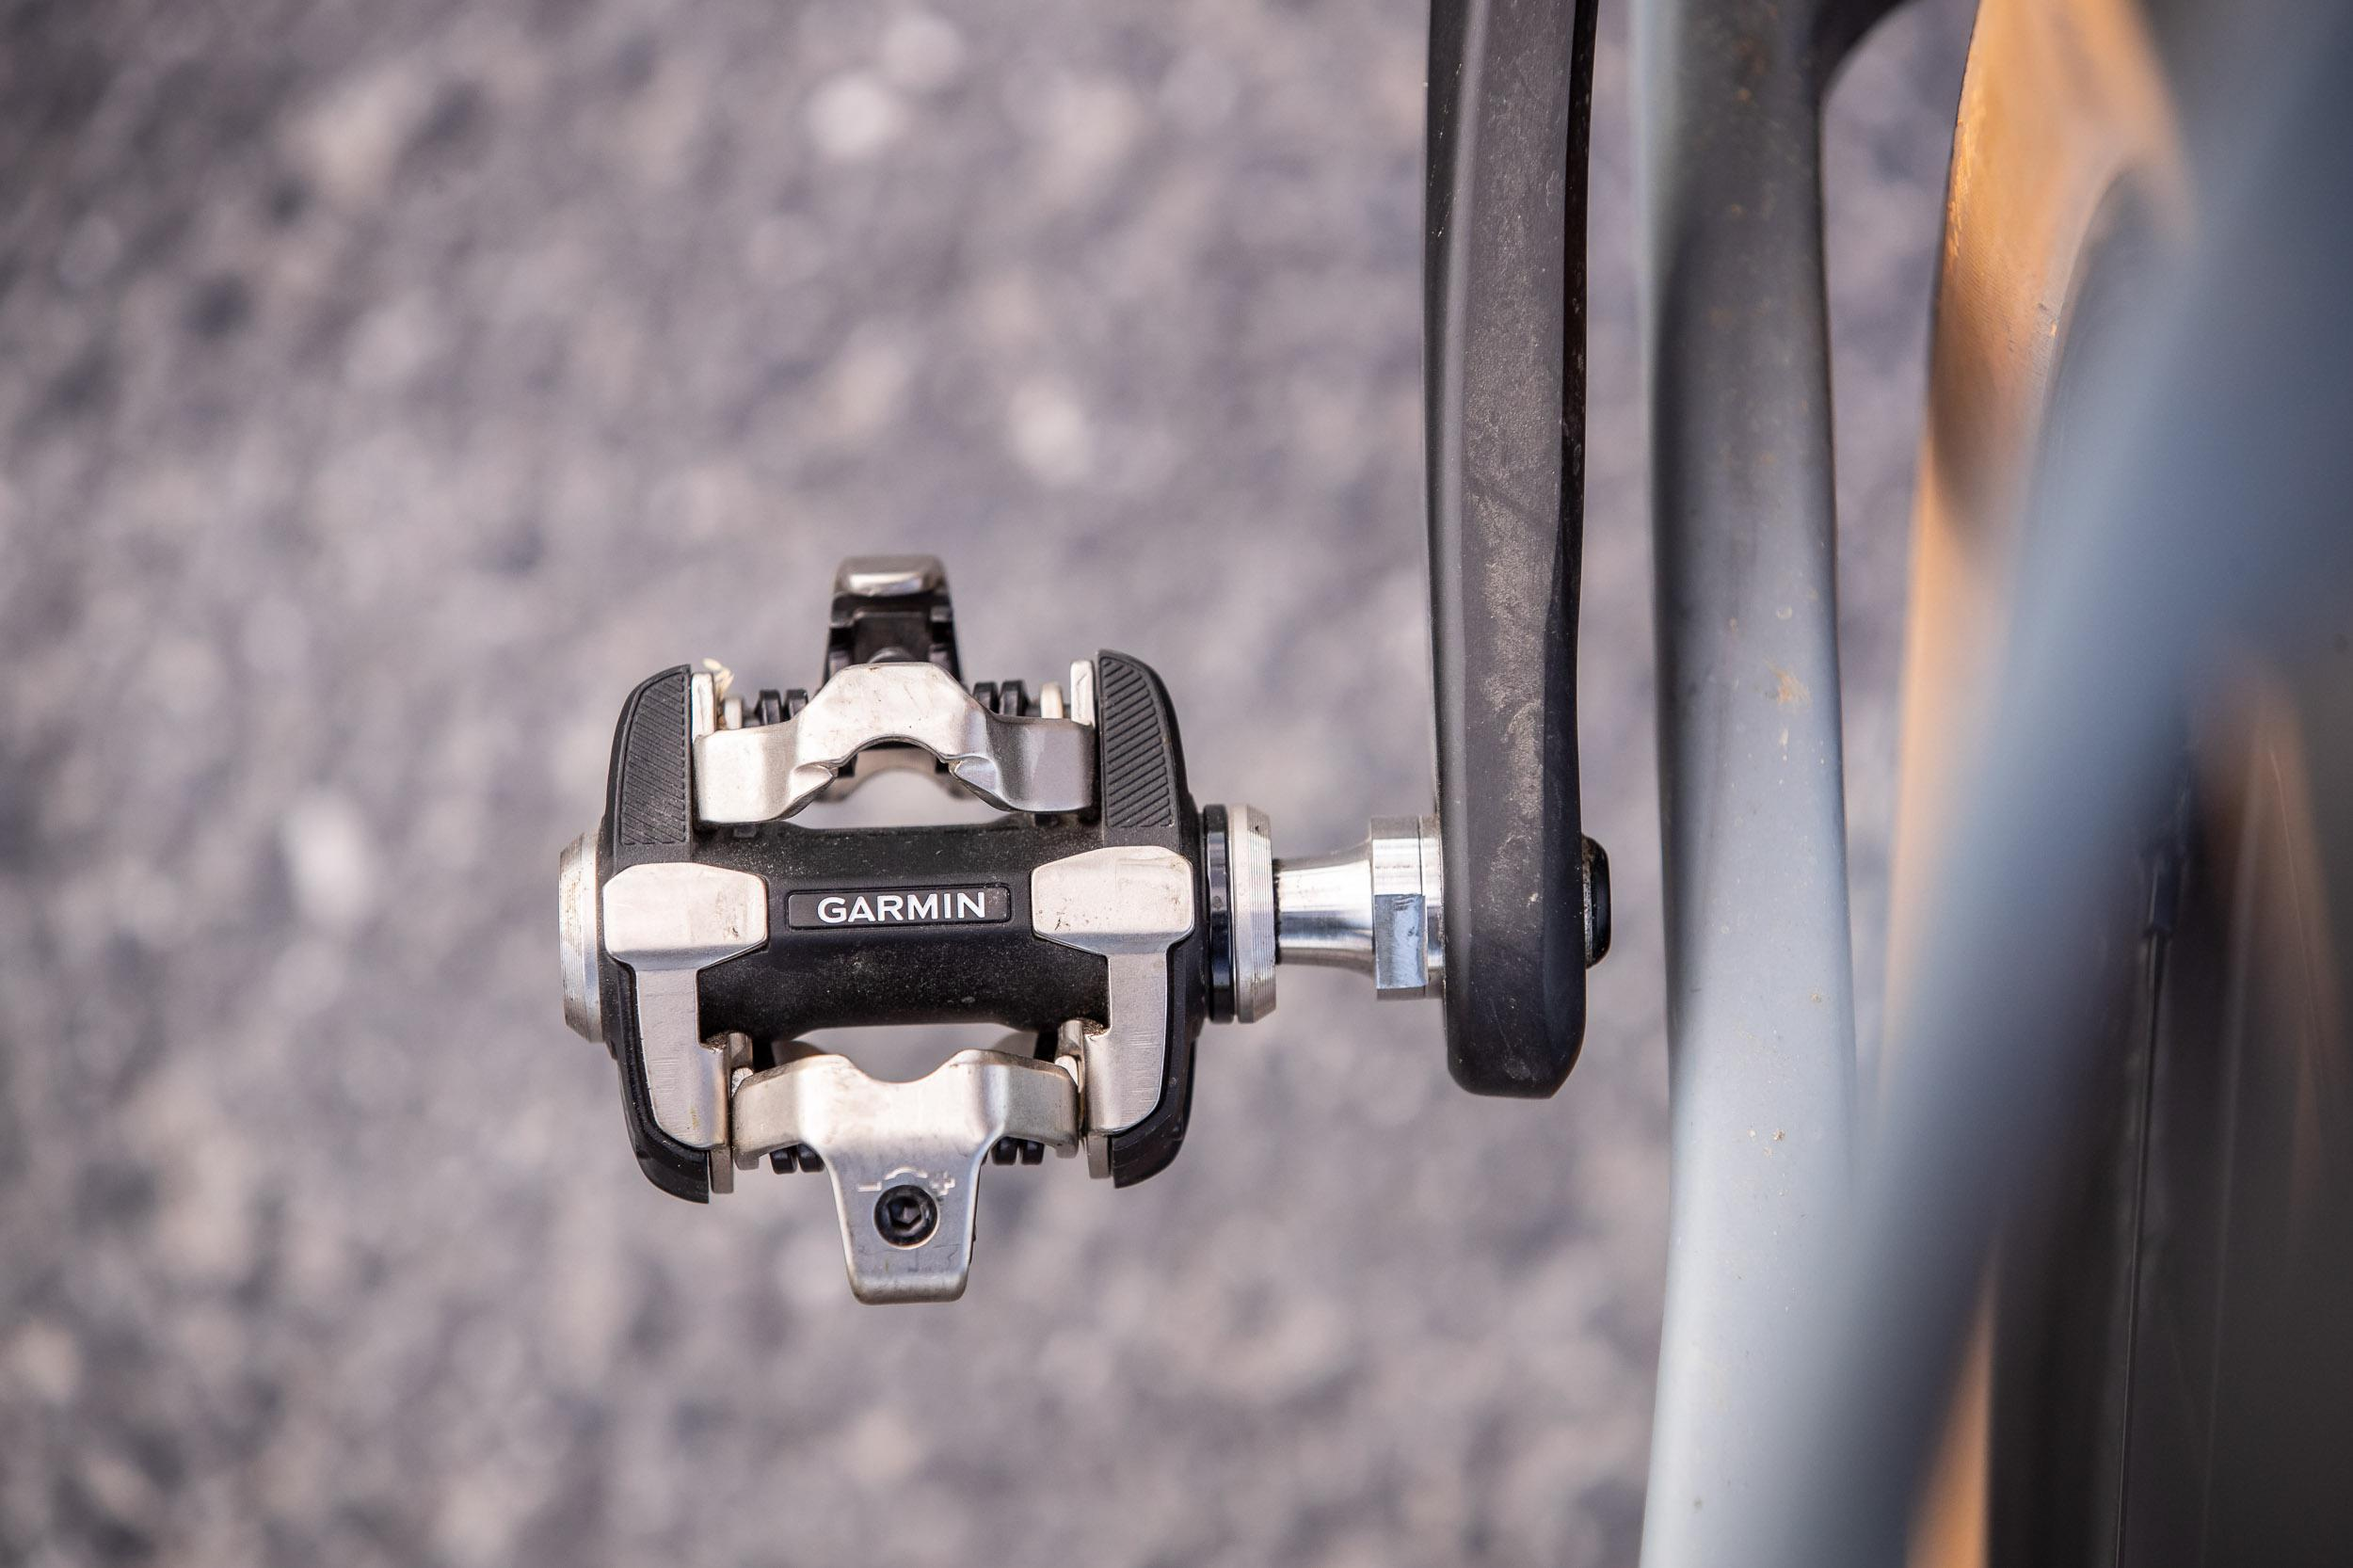 XC100 am Gravelbike: Auch links zu den asymmetrischen Kettenstreben ausreichend Abstand